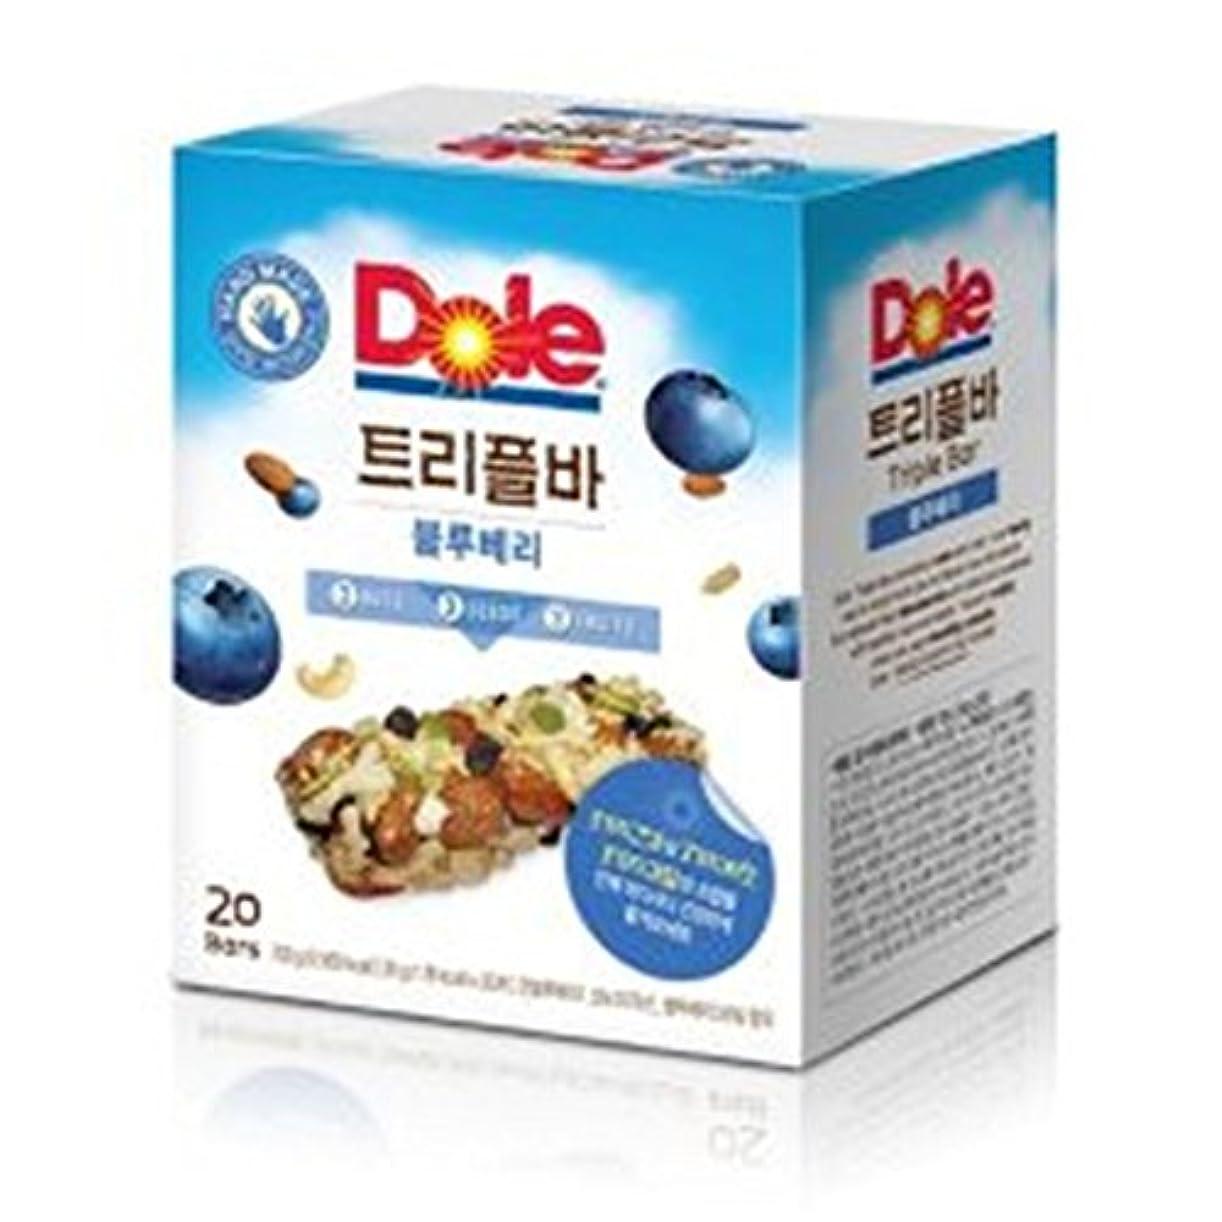 日常的に虐待締める[ドール/Dole] Dole Triple Barドールトリプルバーブルーベリー35g x20個/3つのナットと3つのフルーツ、3つの種子で作成は栄養がたっぷり詰まったDiet Bar穀物バー/シリアル/栄養バー[健康&ダイエット製品](海外直送品)